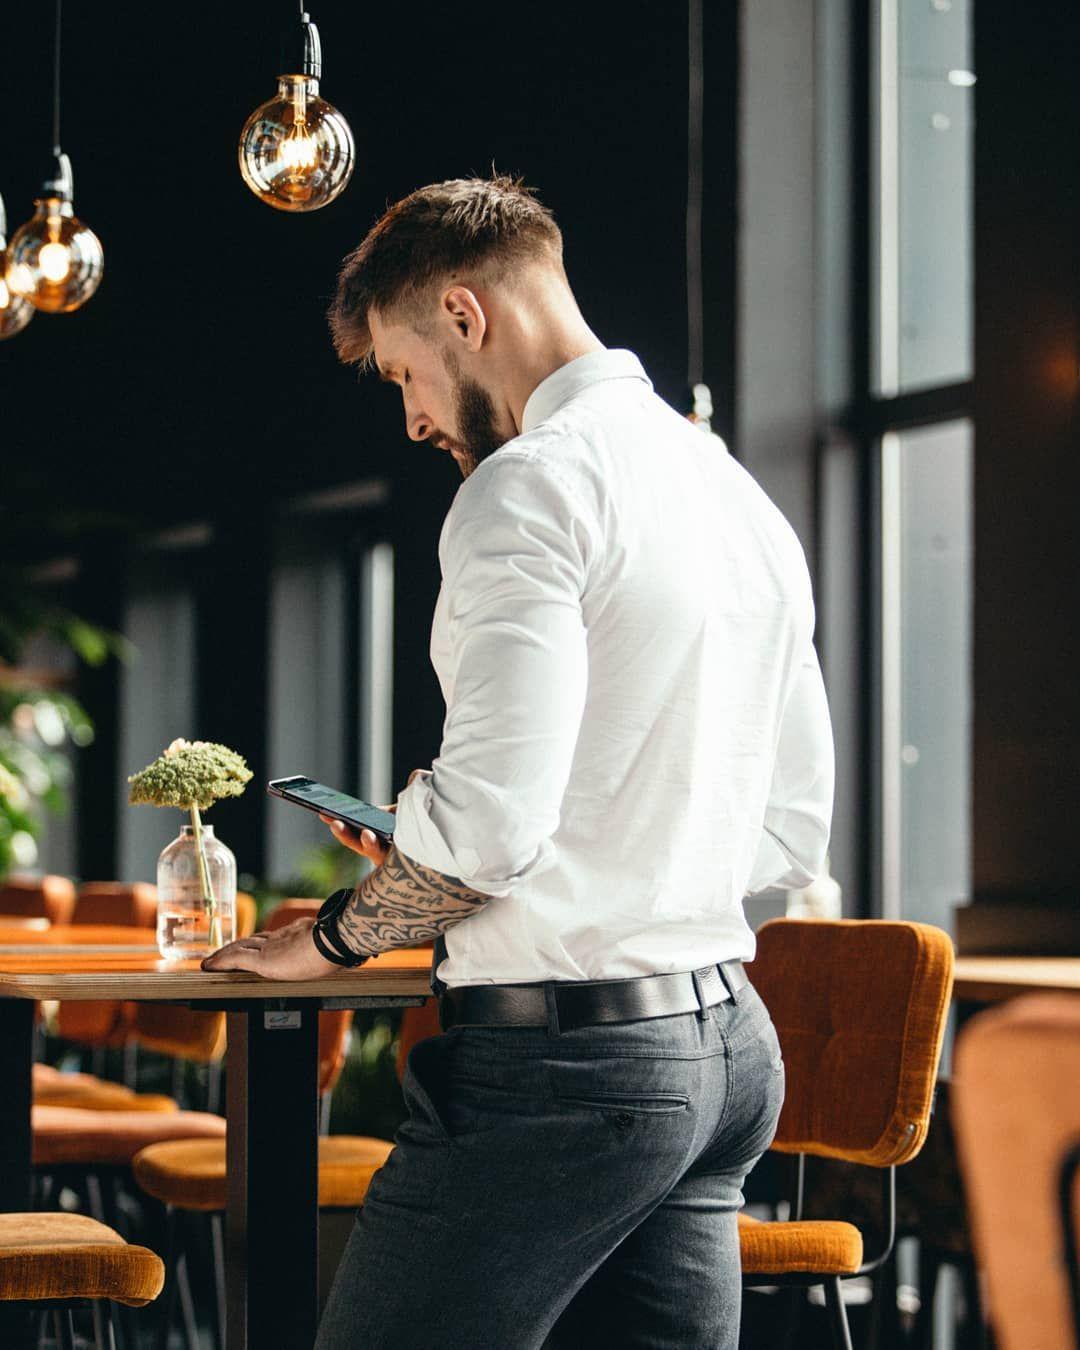 پیراهن مردانه نوین روز تناسب اندام